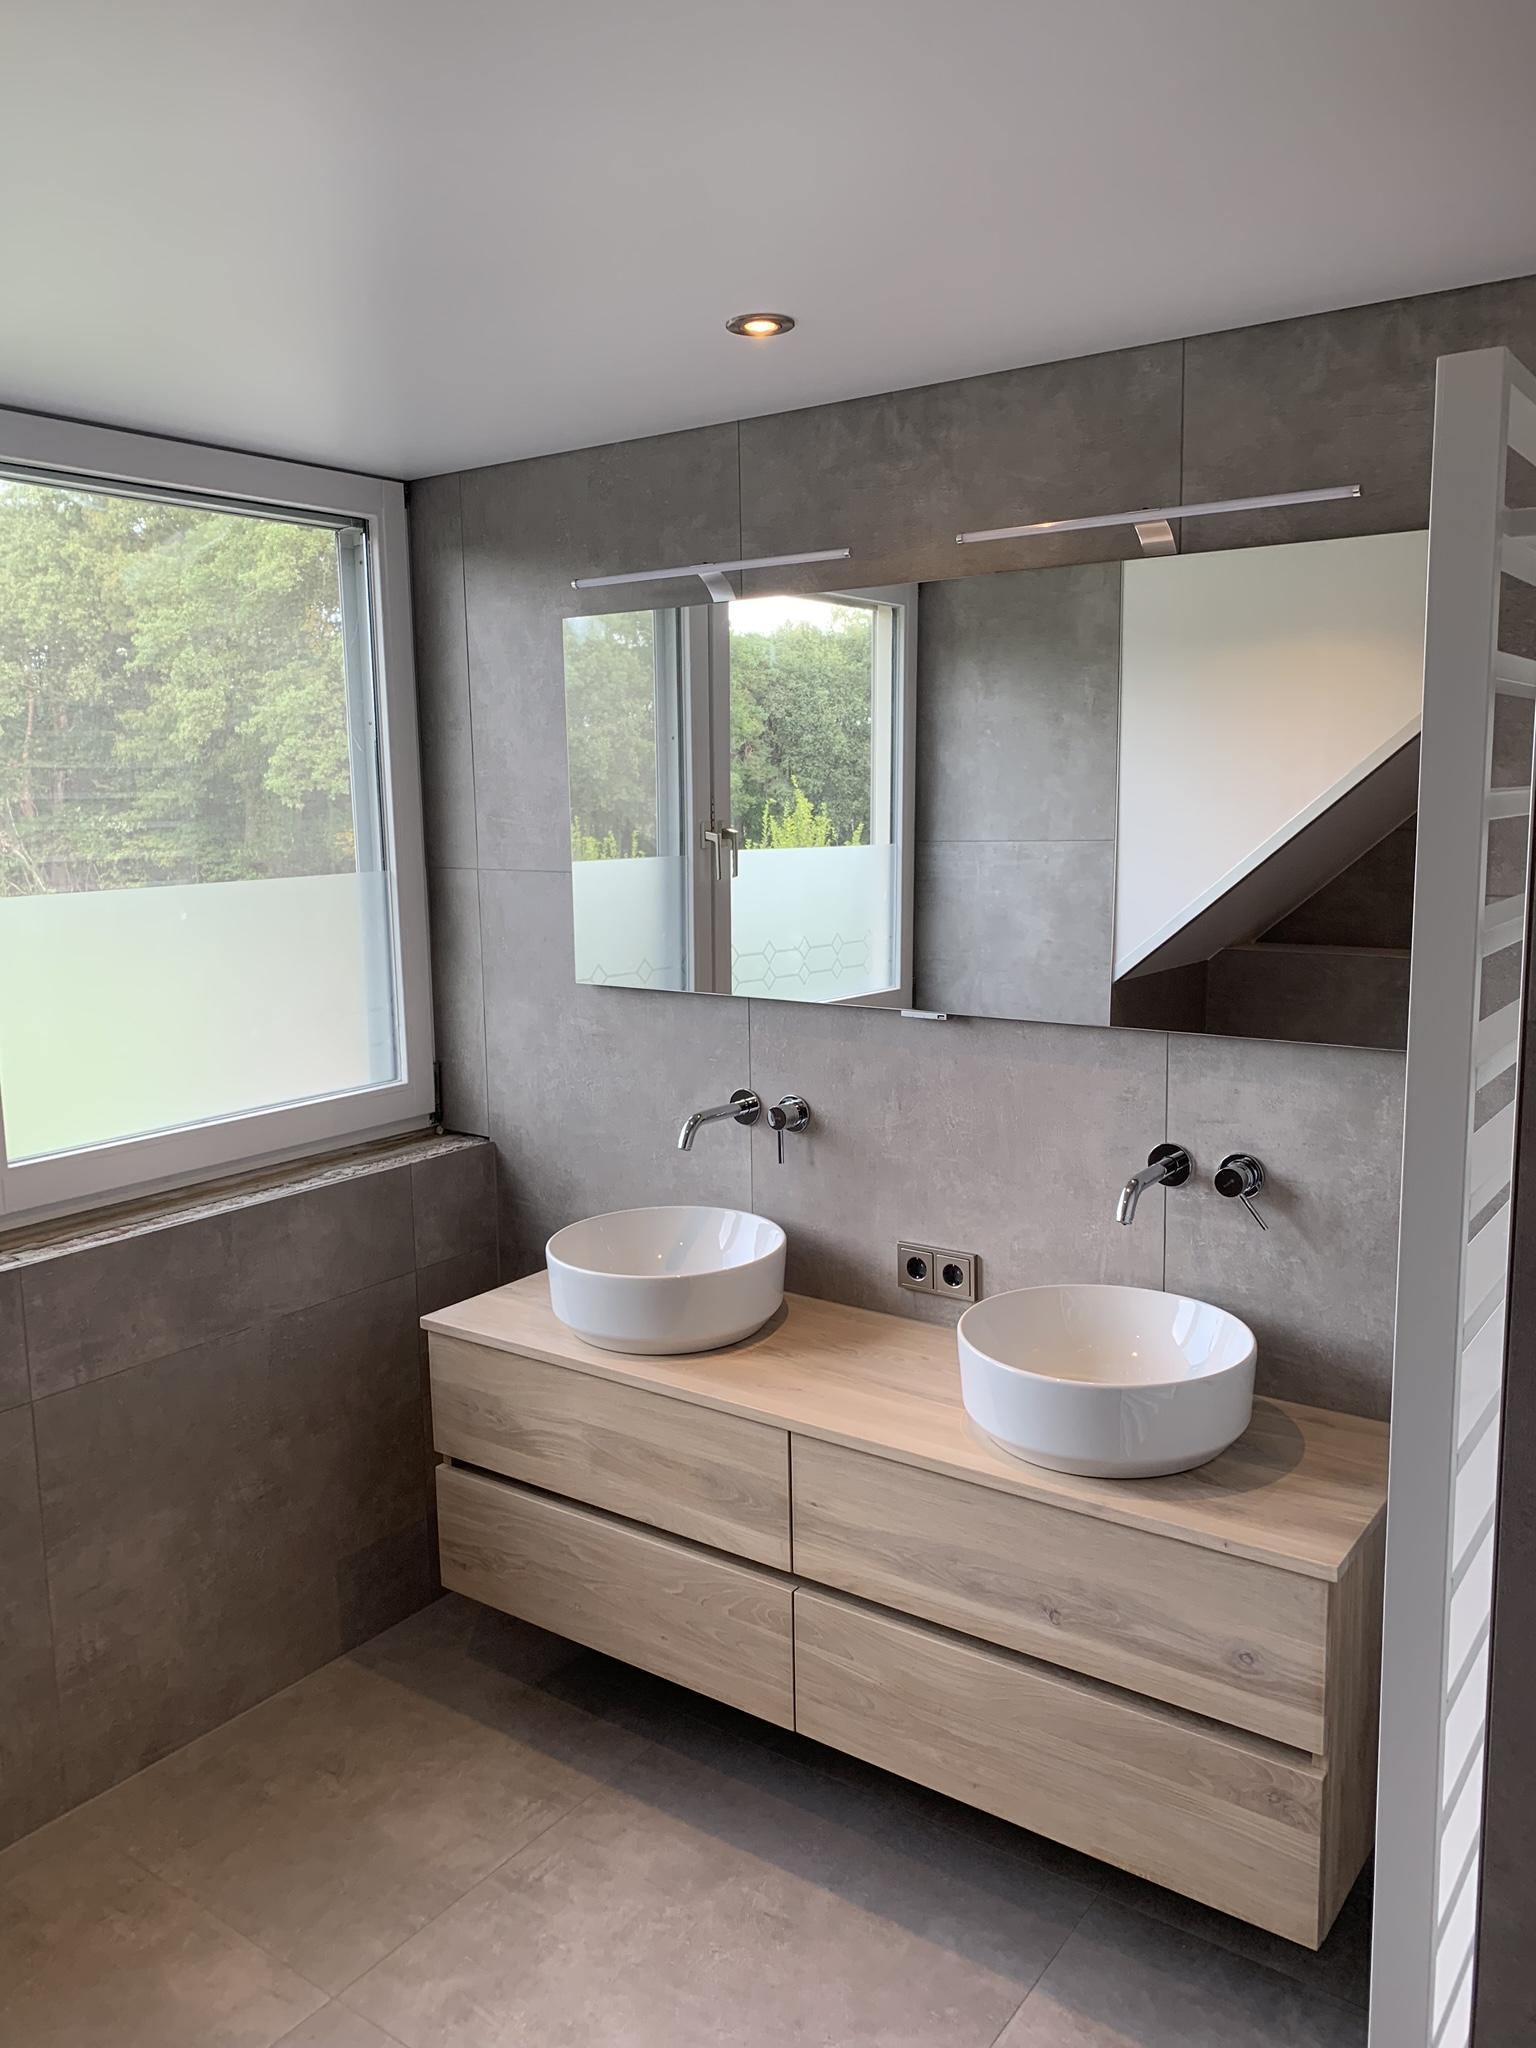 Spanplafond in uw badkamer? Vraag een offerte op bij indara